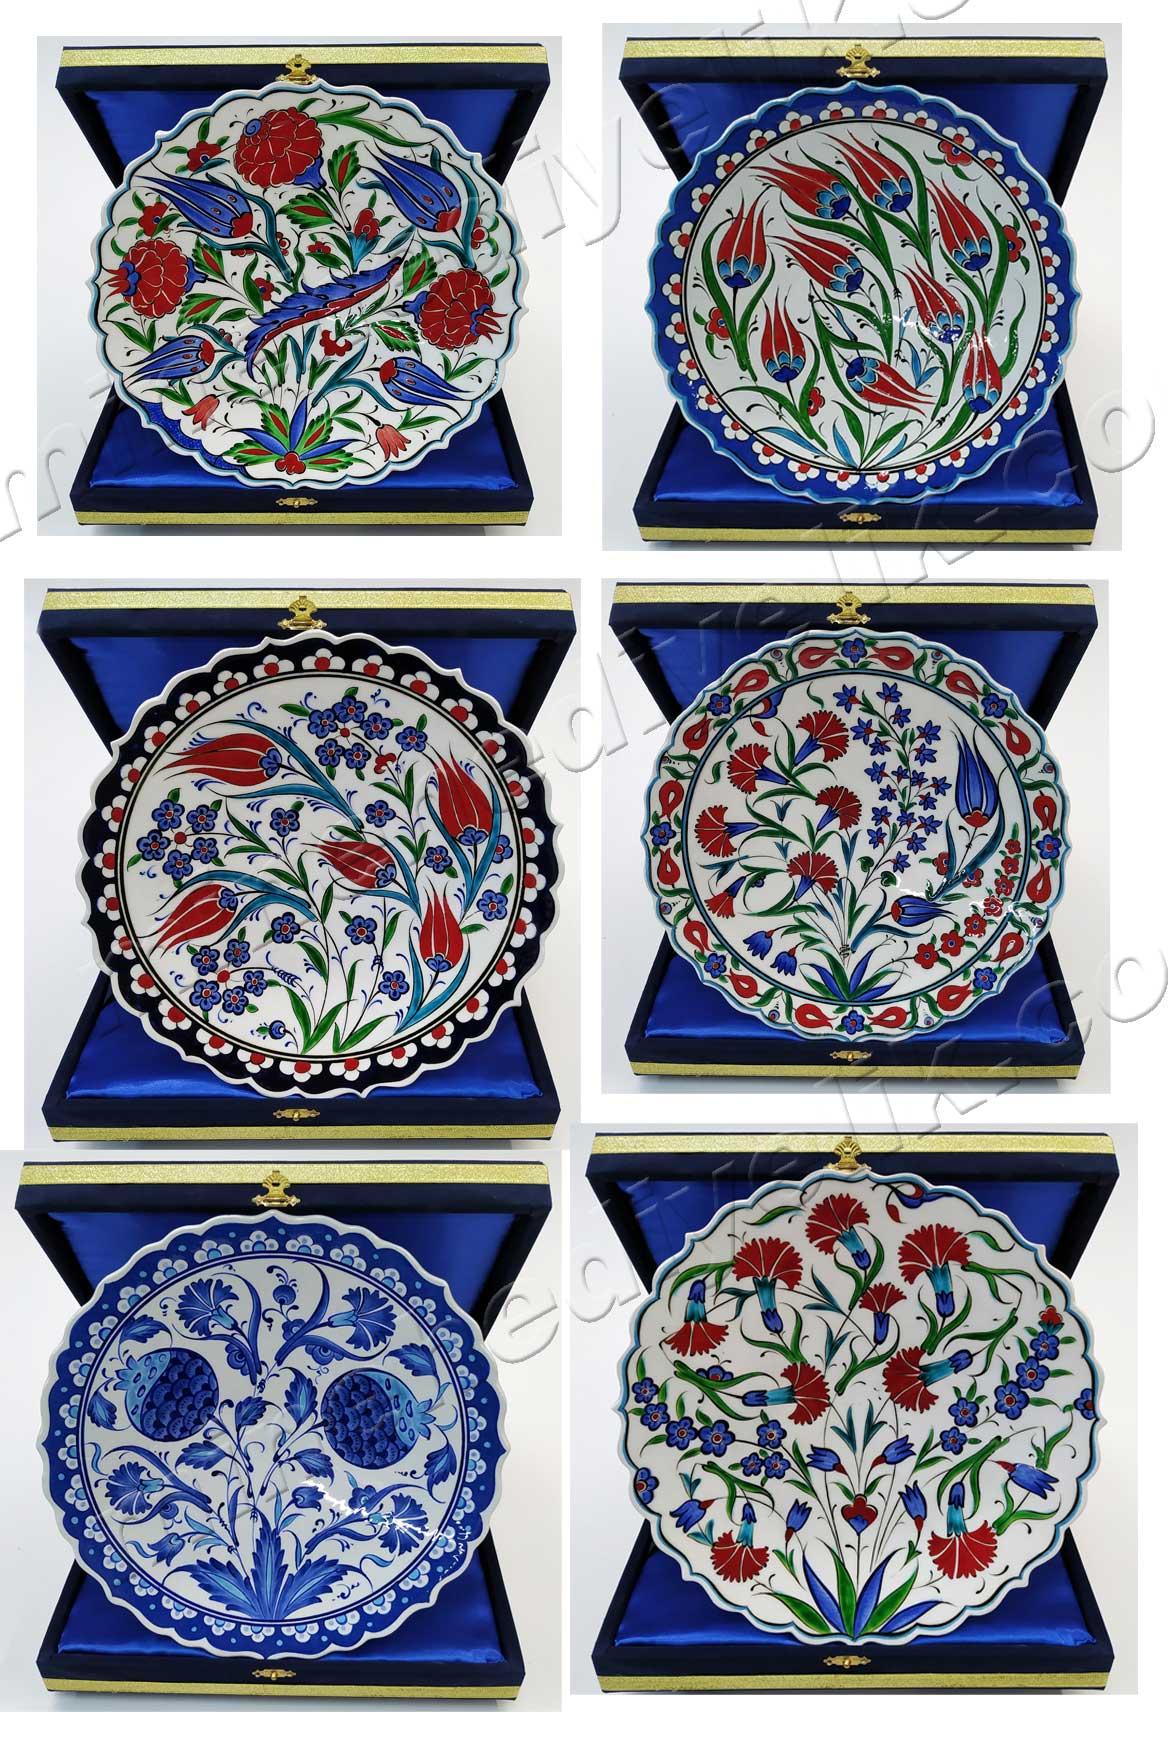 Kurumsal Hediyelik Klasik Osmanlı Çini Tabaklar   Duvar ve Vitrin Süslemesi İçin Dekoratif Hediyeler çini tabak hediyelik eşya duvar çinisi